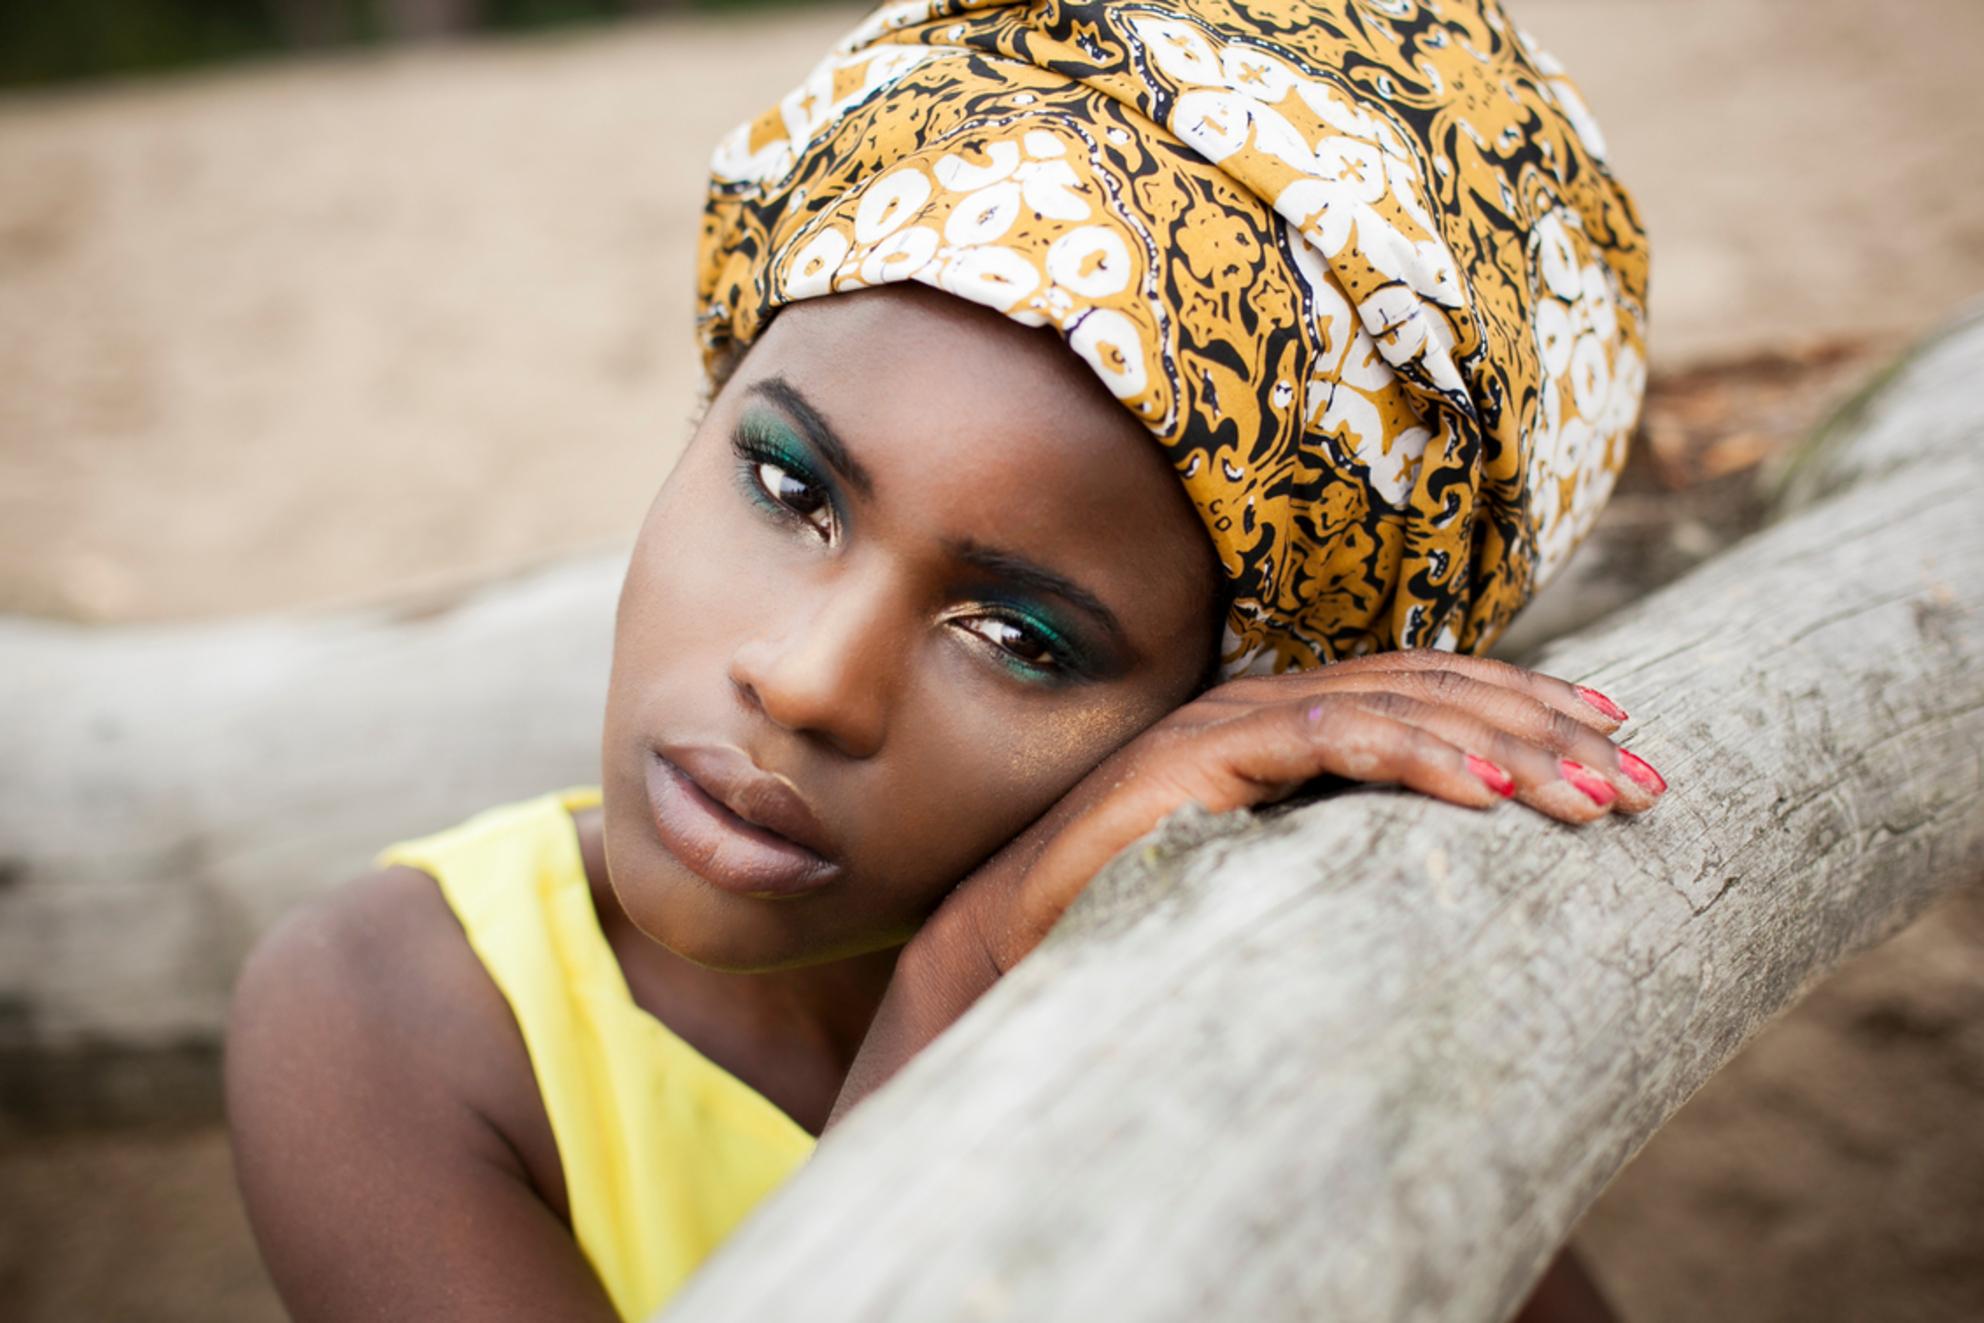 African girl - Ik houd heel erg van deze foto, haar blik is hier zo mooi! - foto door anoukstrijbos op 11-08-2014 - deze foto bevat: vrouw, kleur, portret, model, fashion, lippen, beauty, sfeer, pose, glamour, jurk, mode, kleding, visagie, locatie, makeup, editorial, fashionfotografie - Deze foto mag gebruikt worden in een Zoom.nl publicatie